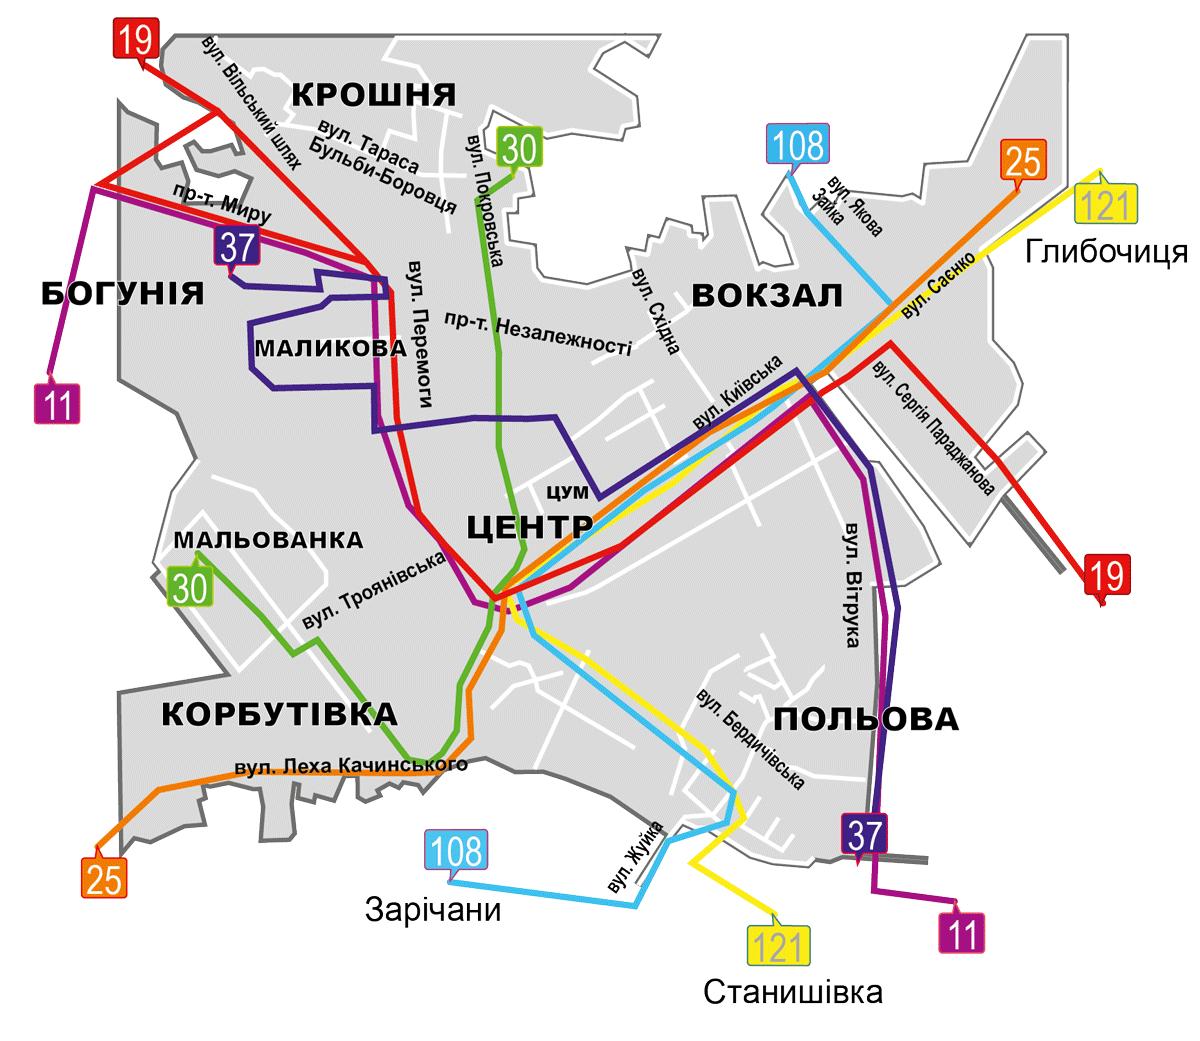 Карта-схема руху маршрутів